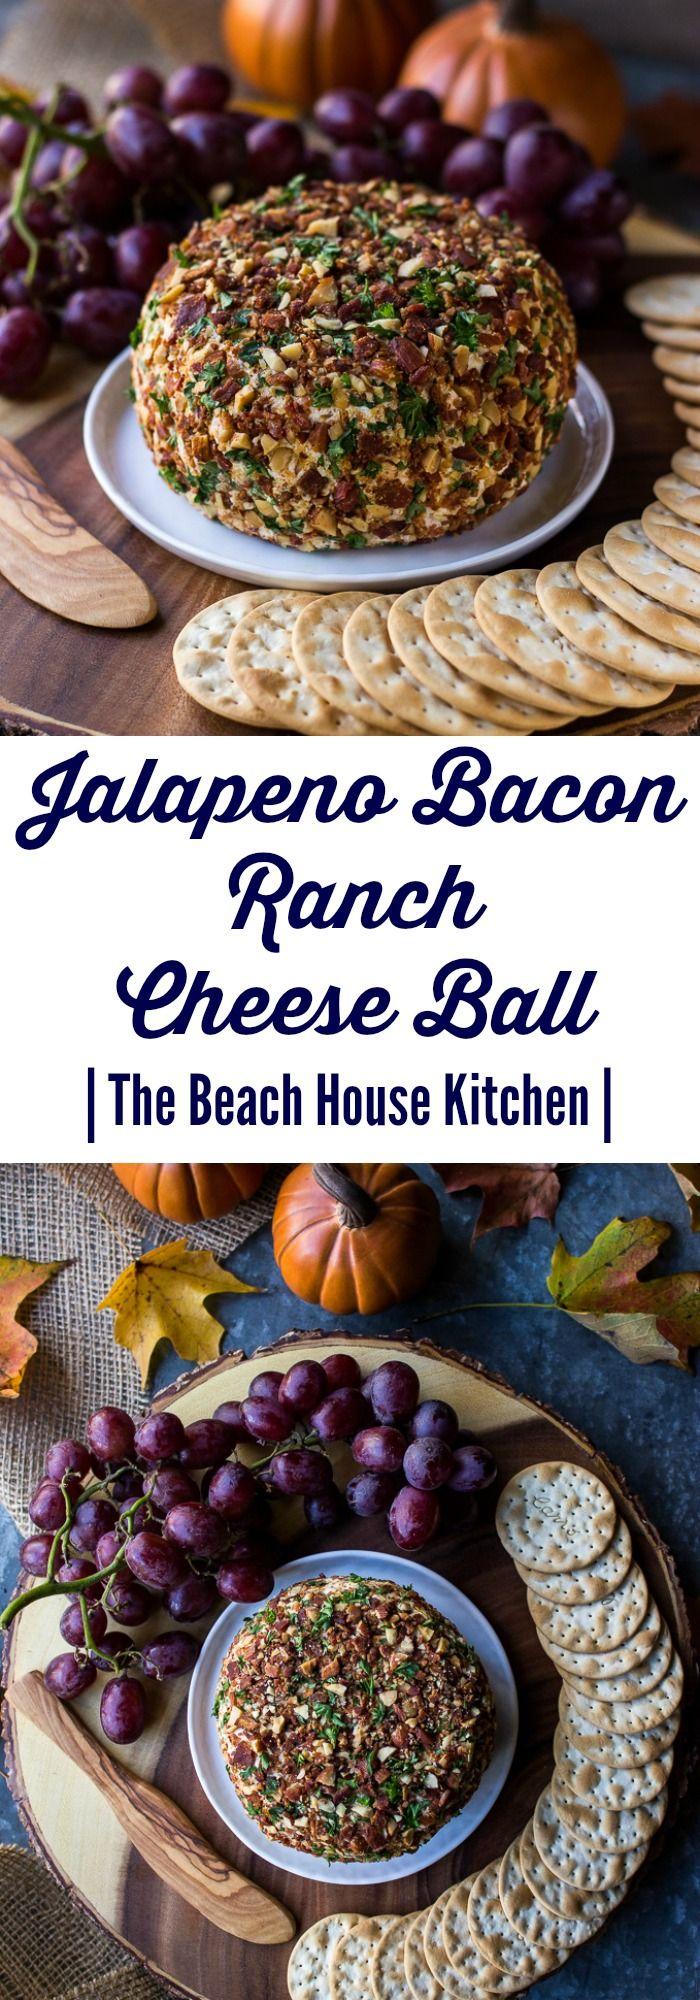 Jalapeño Bacon Ranch Cheese Ball   ThisJalapeño Bacon Ranch Cheese Ball is the perfect appetize